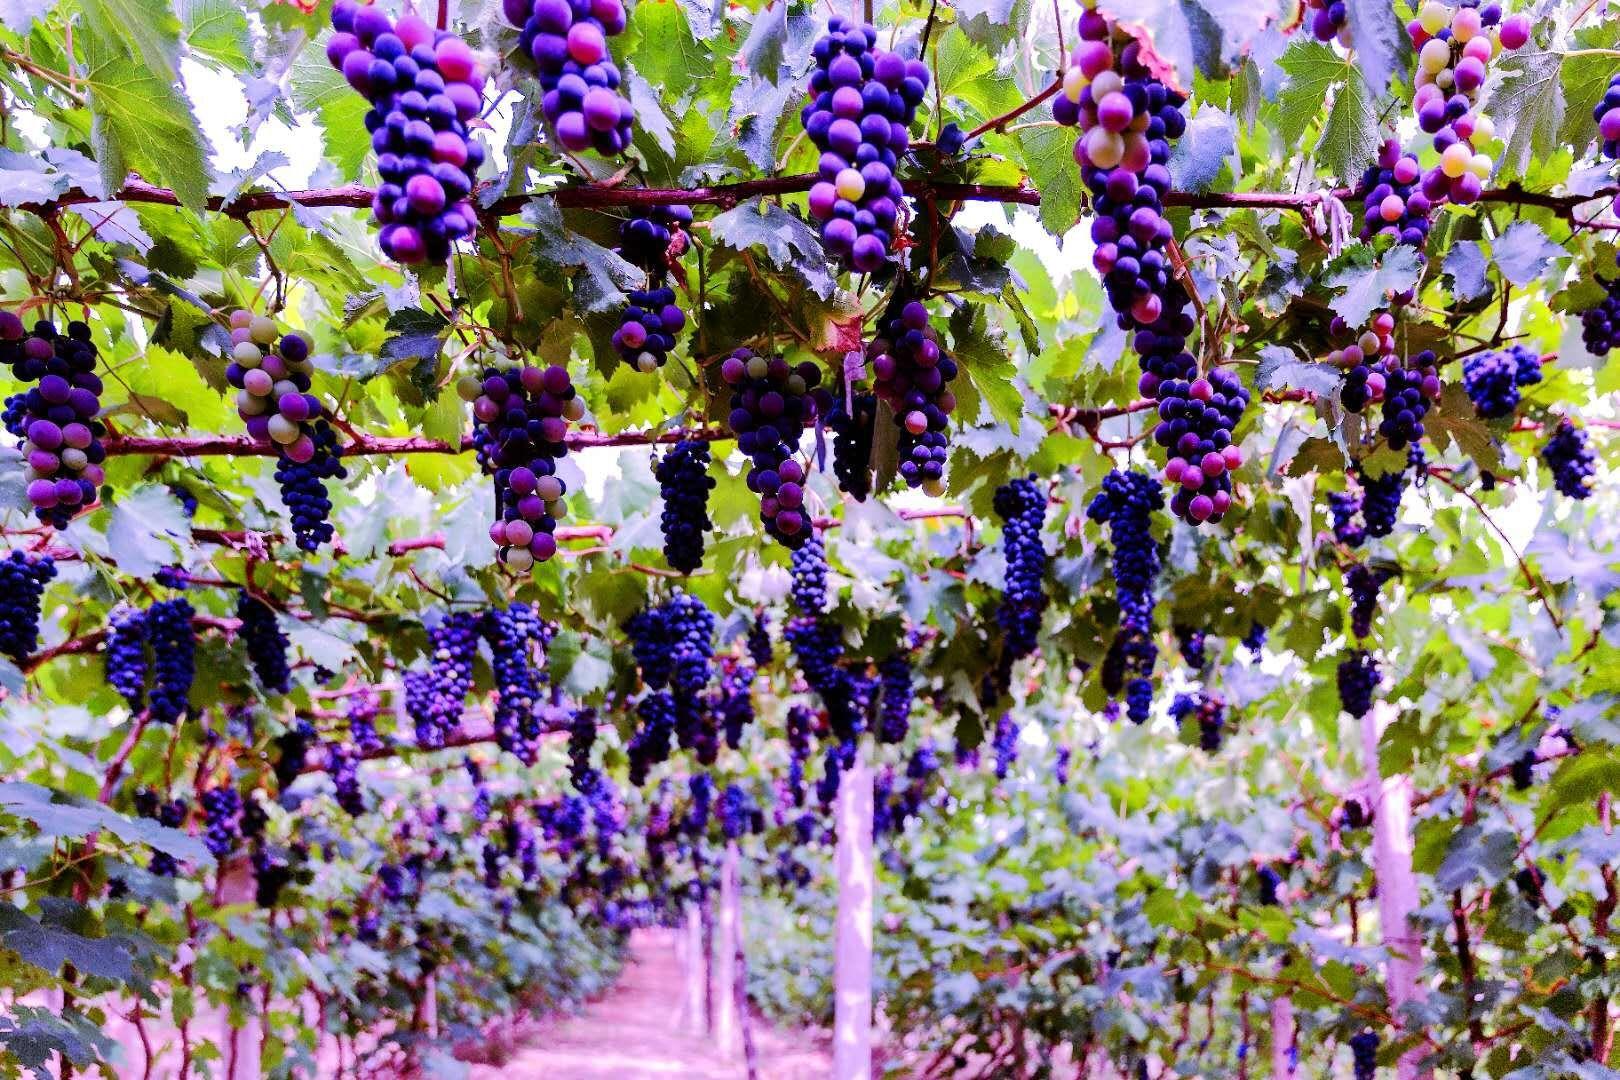 成熟的果实----四川万博manbetx官网网页版高速公路股份有限公司万博manbetx官网网页版分公司